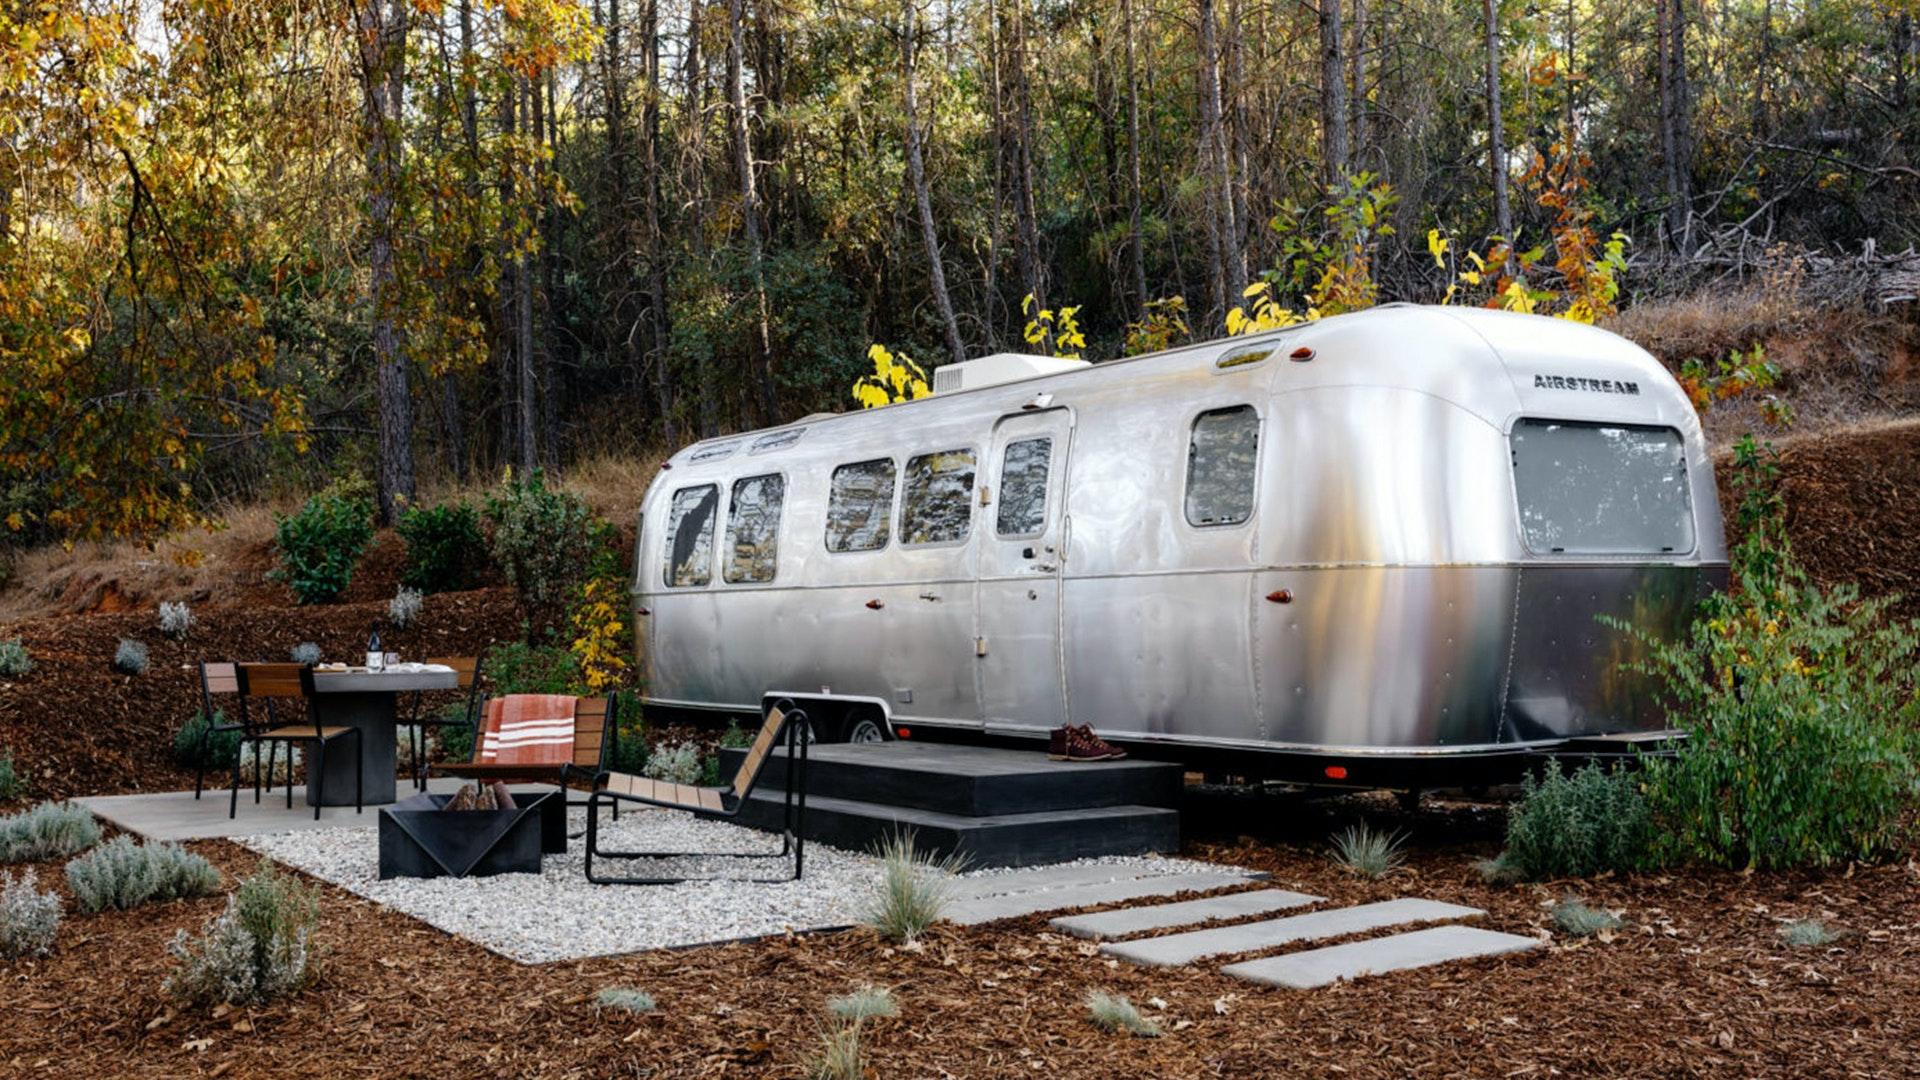 Airstream Autocamp Campsite